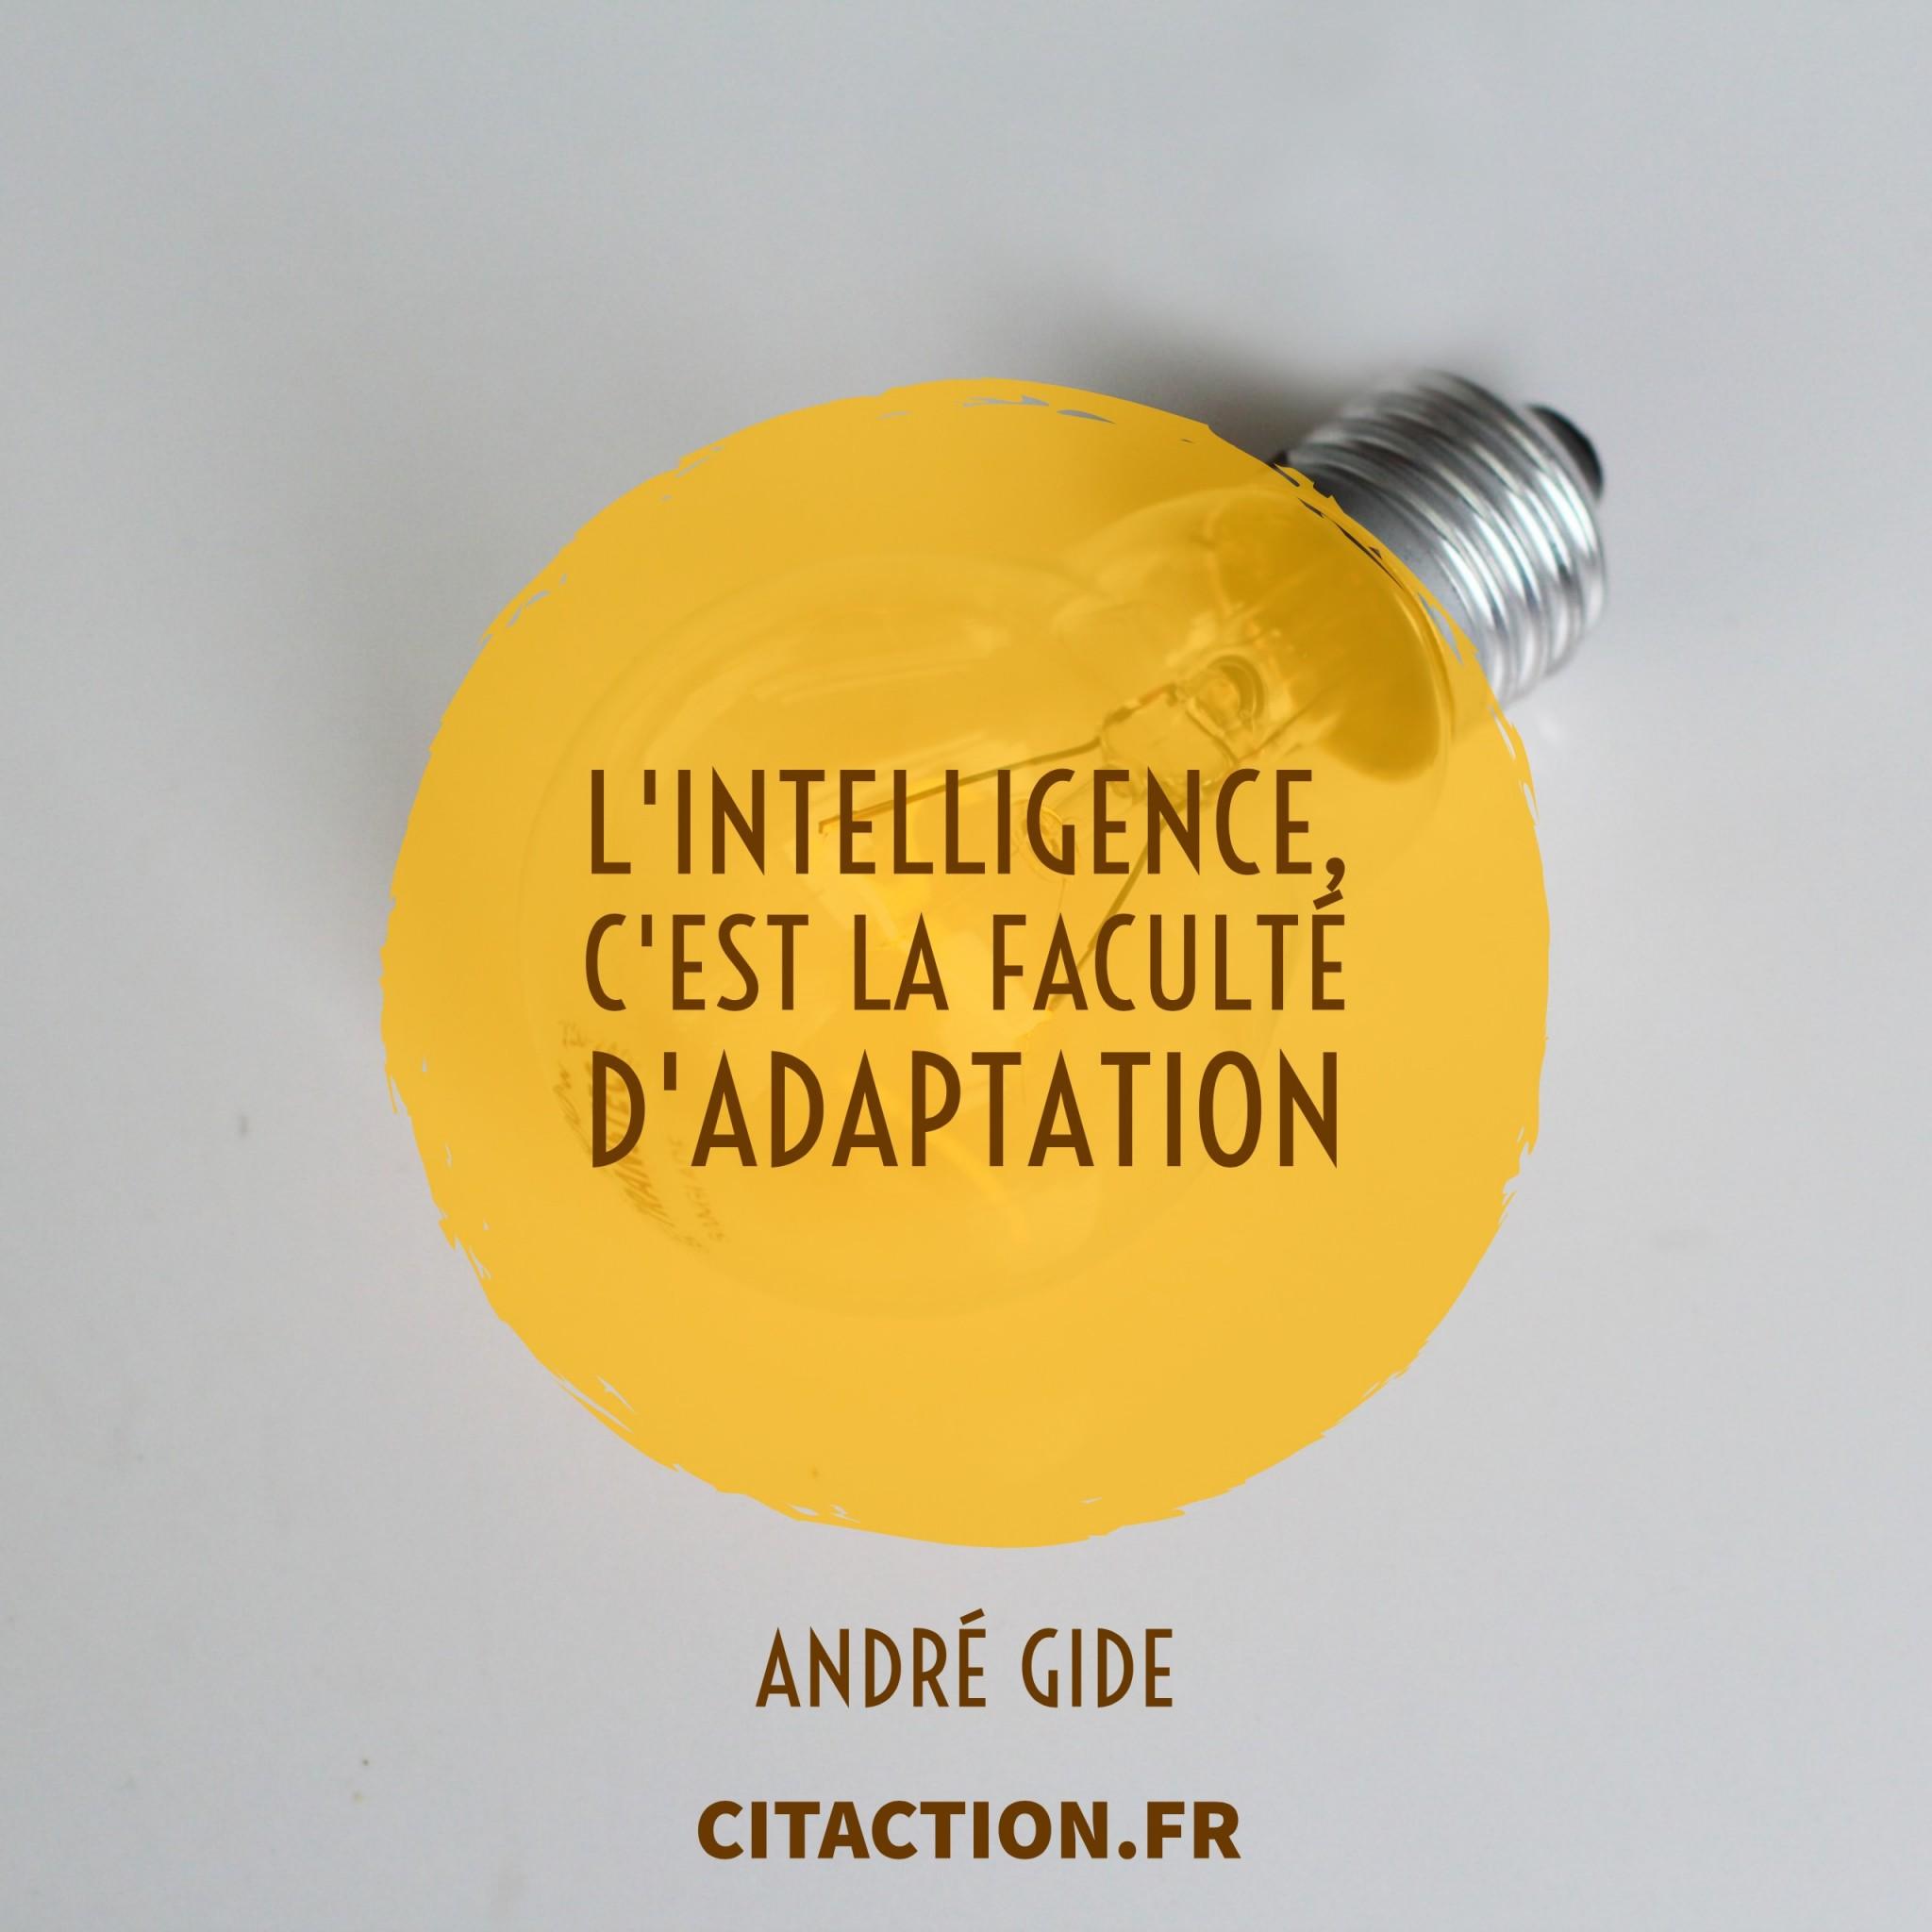 L'intelligence, c'est la faculté d'adaptation